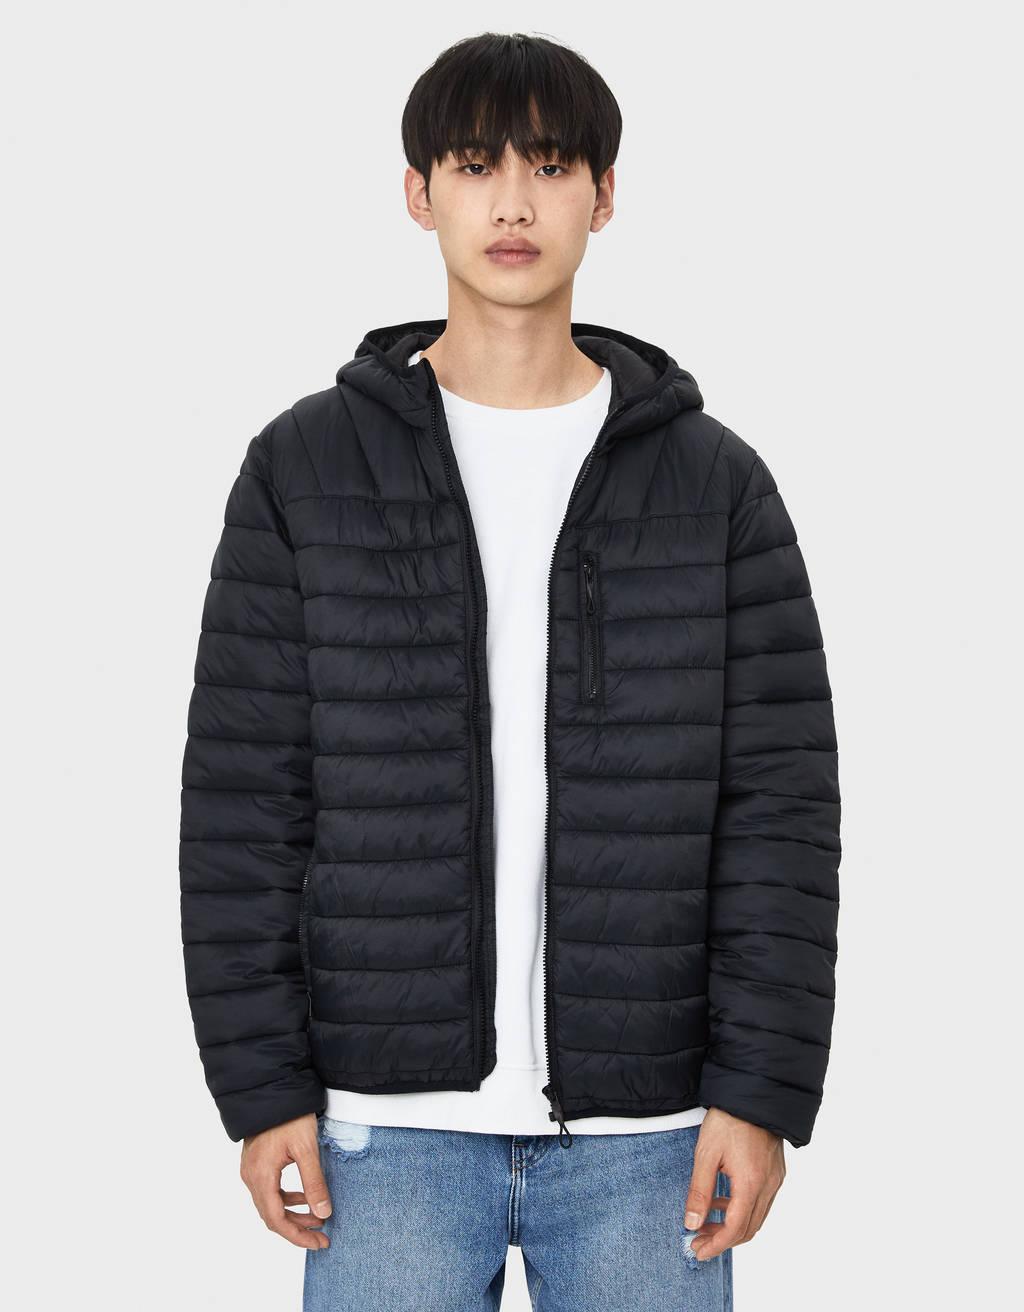 Prošivena jakna s kapuljačom